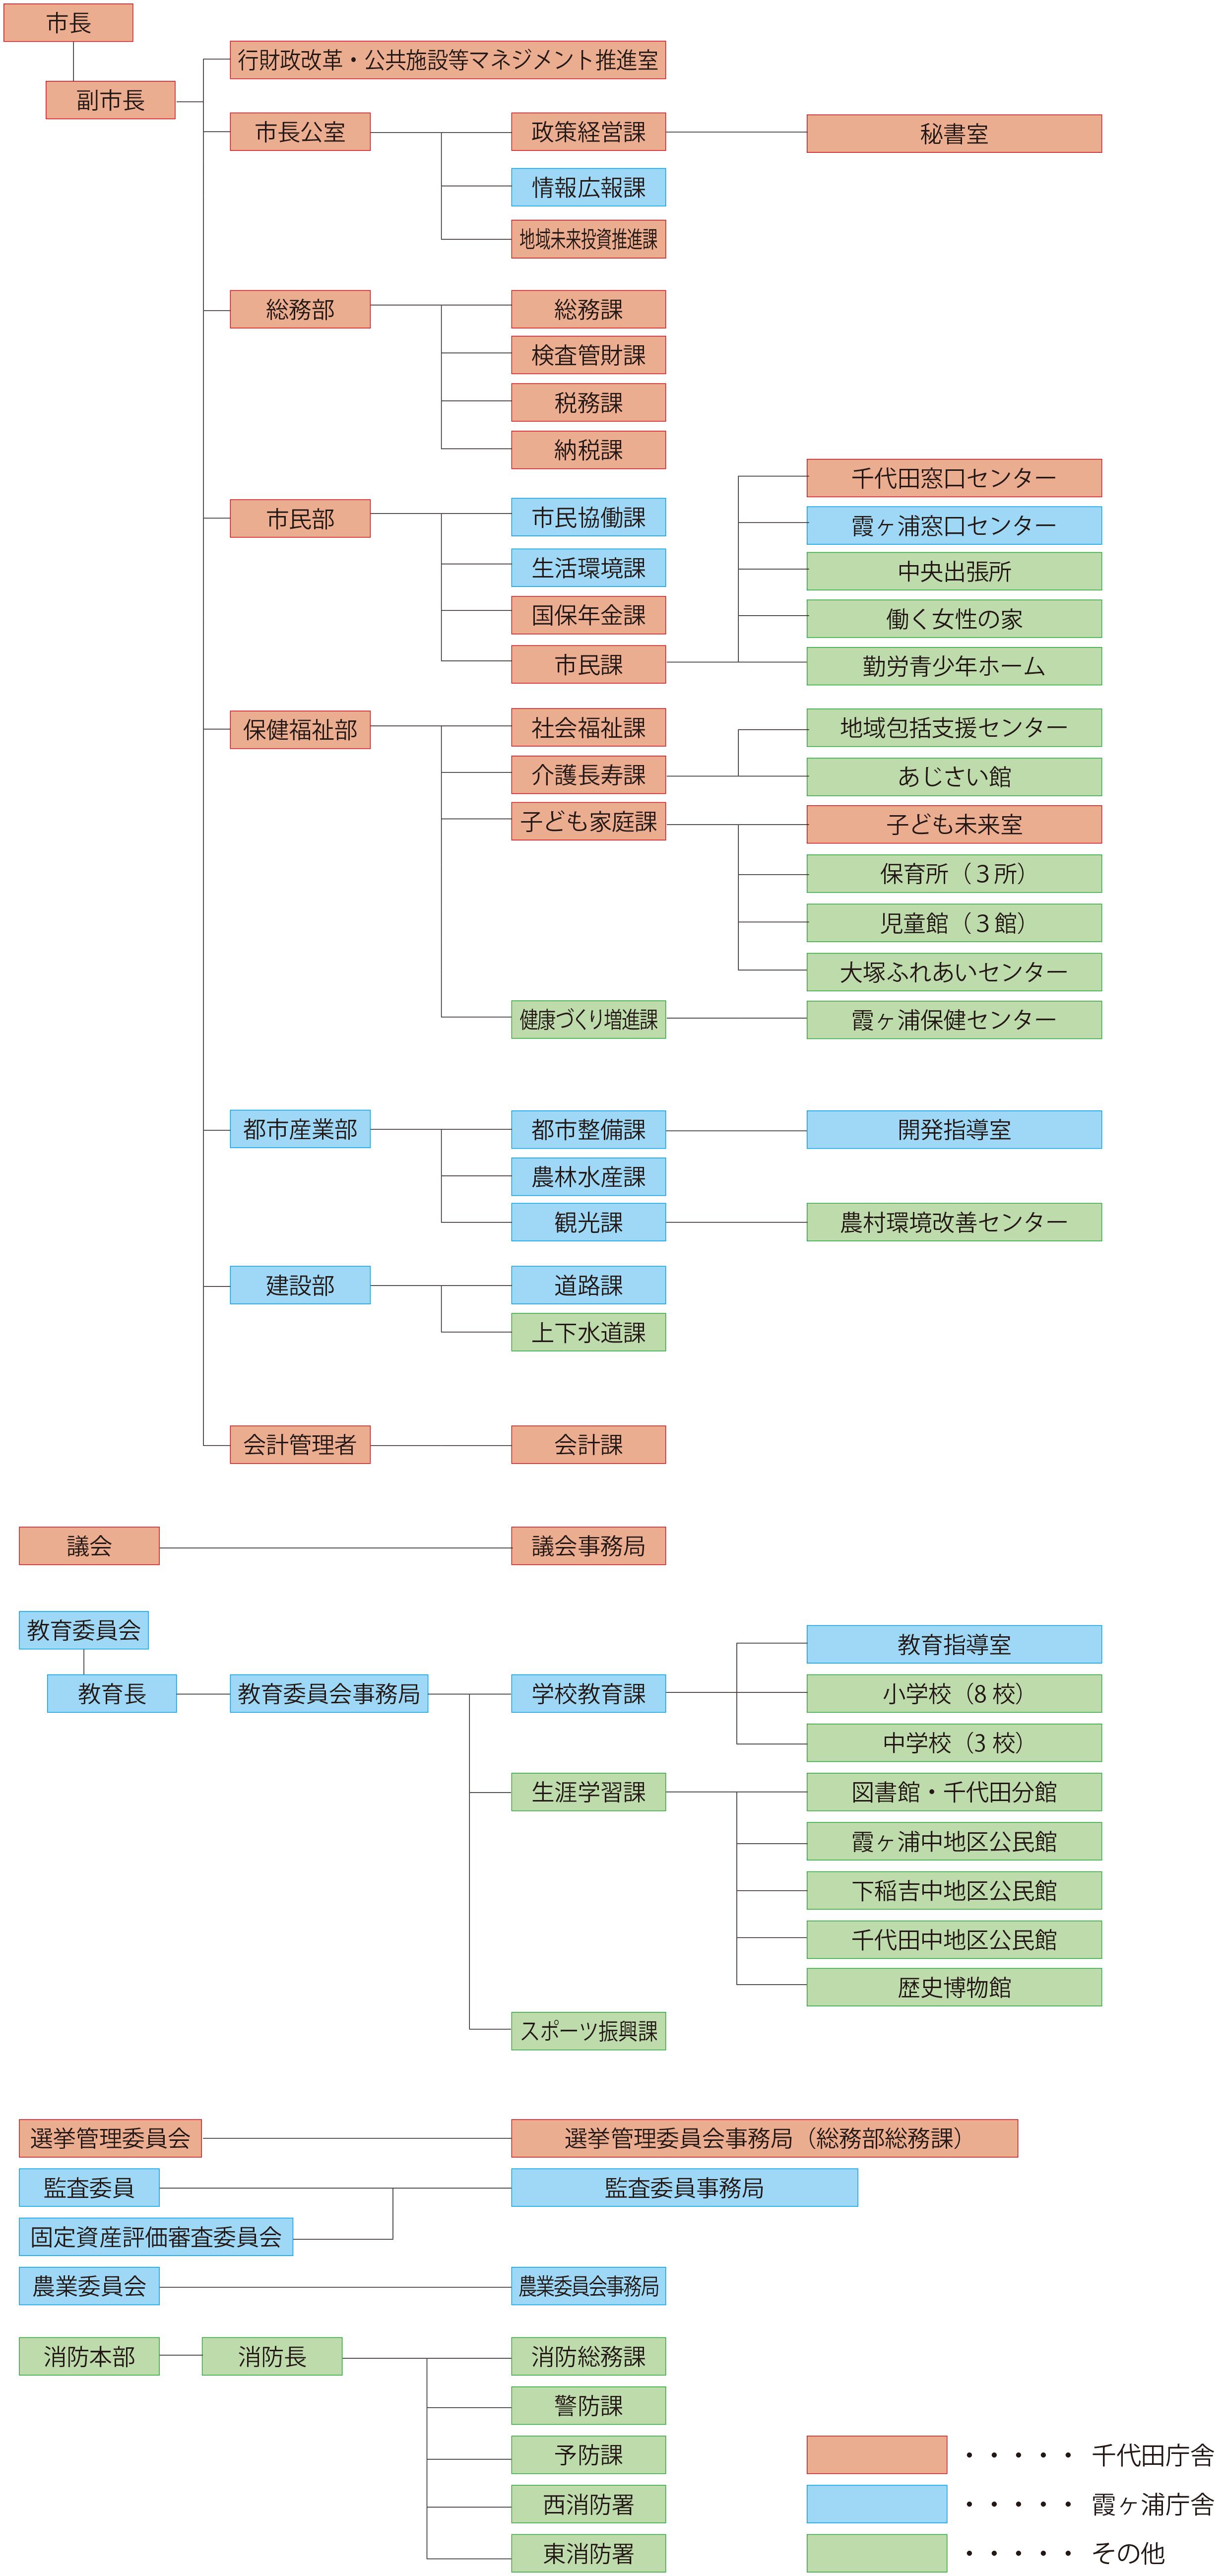 『『令和2年度組織・機構図』の画像』の画像